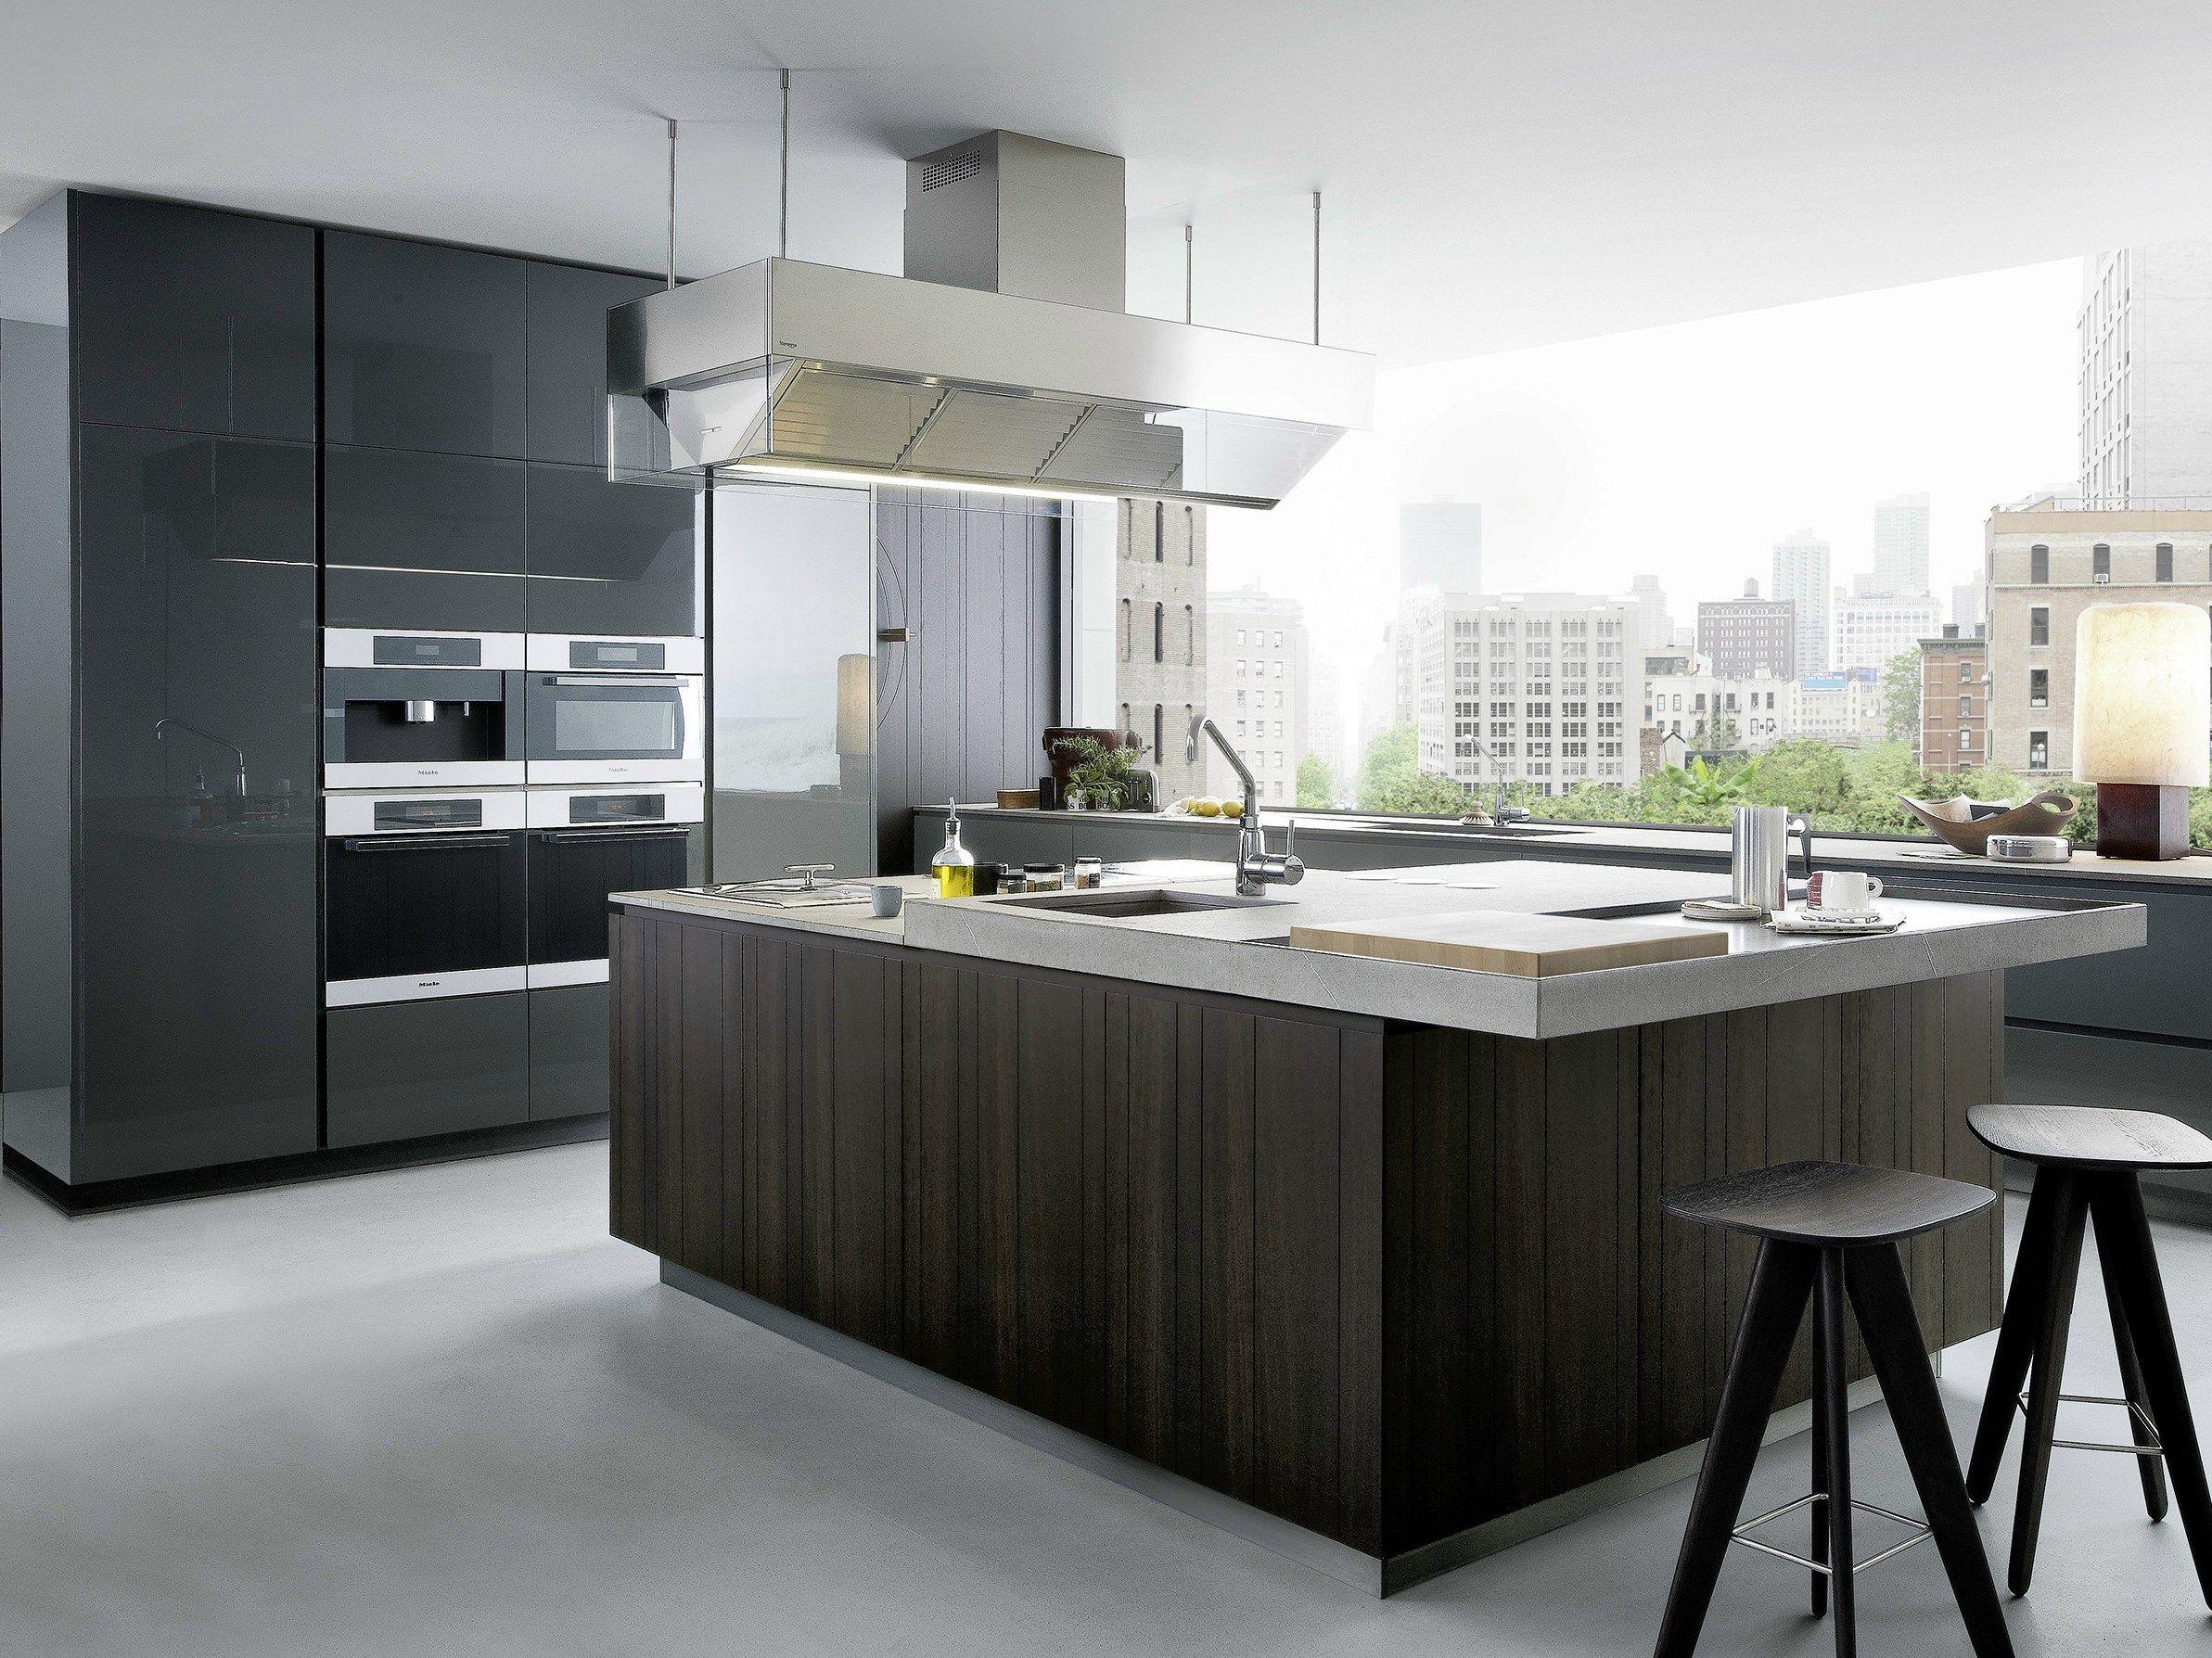 Kücheninsel Ideen ~ Lackierte küche aus holz mit kücheninsel artex by varenna by